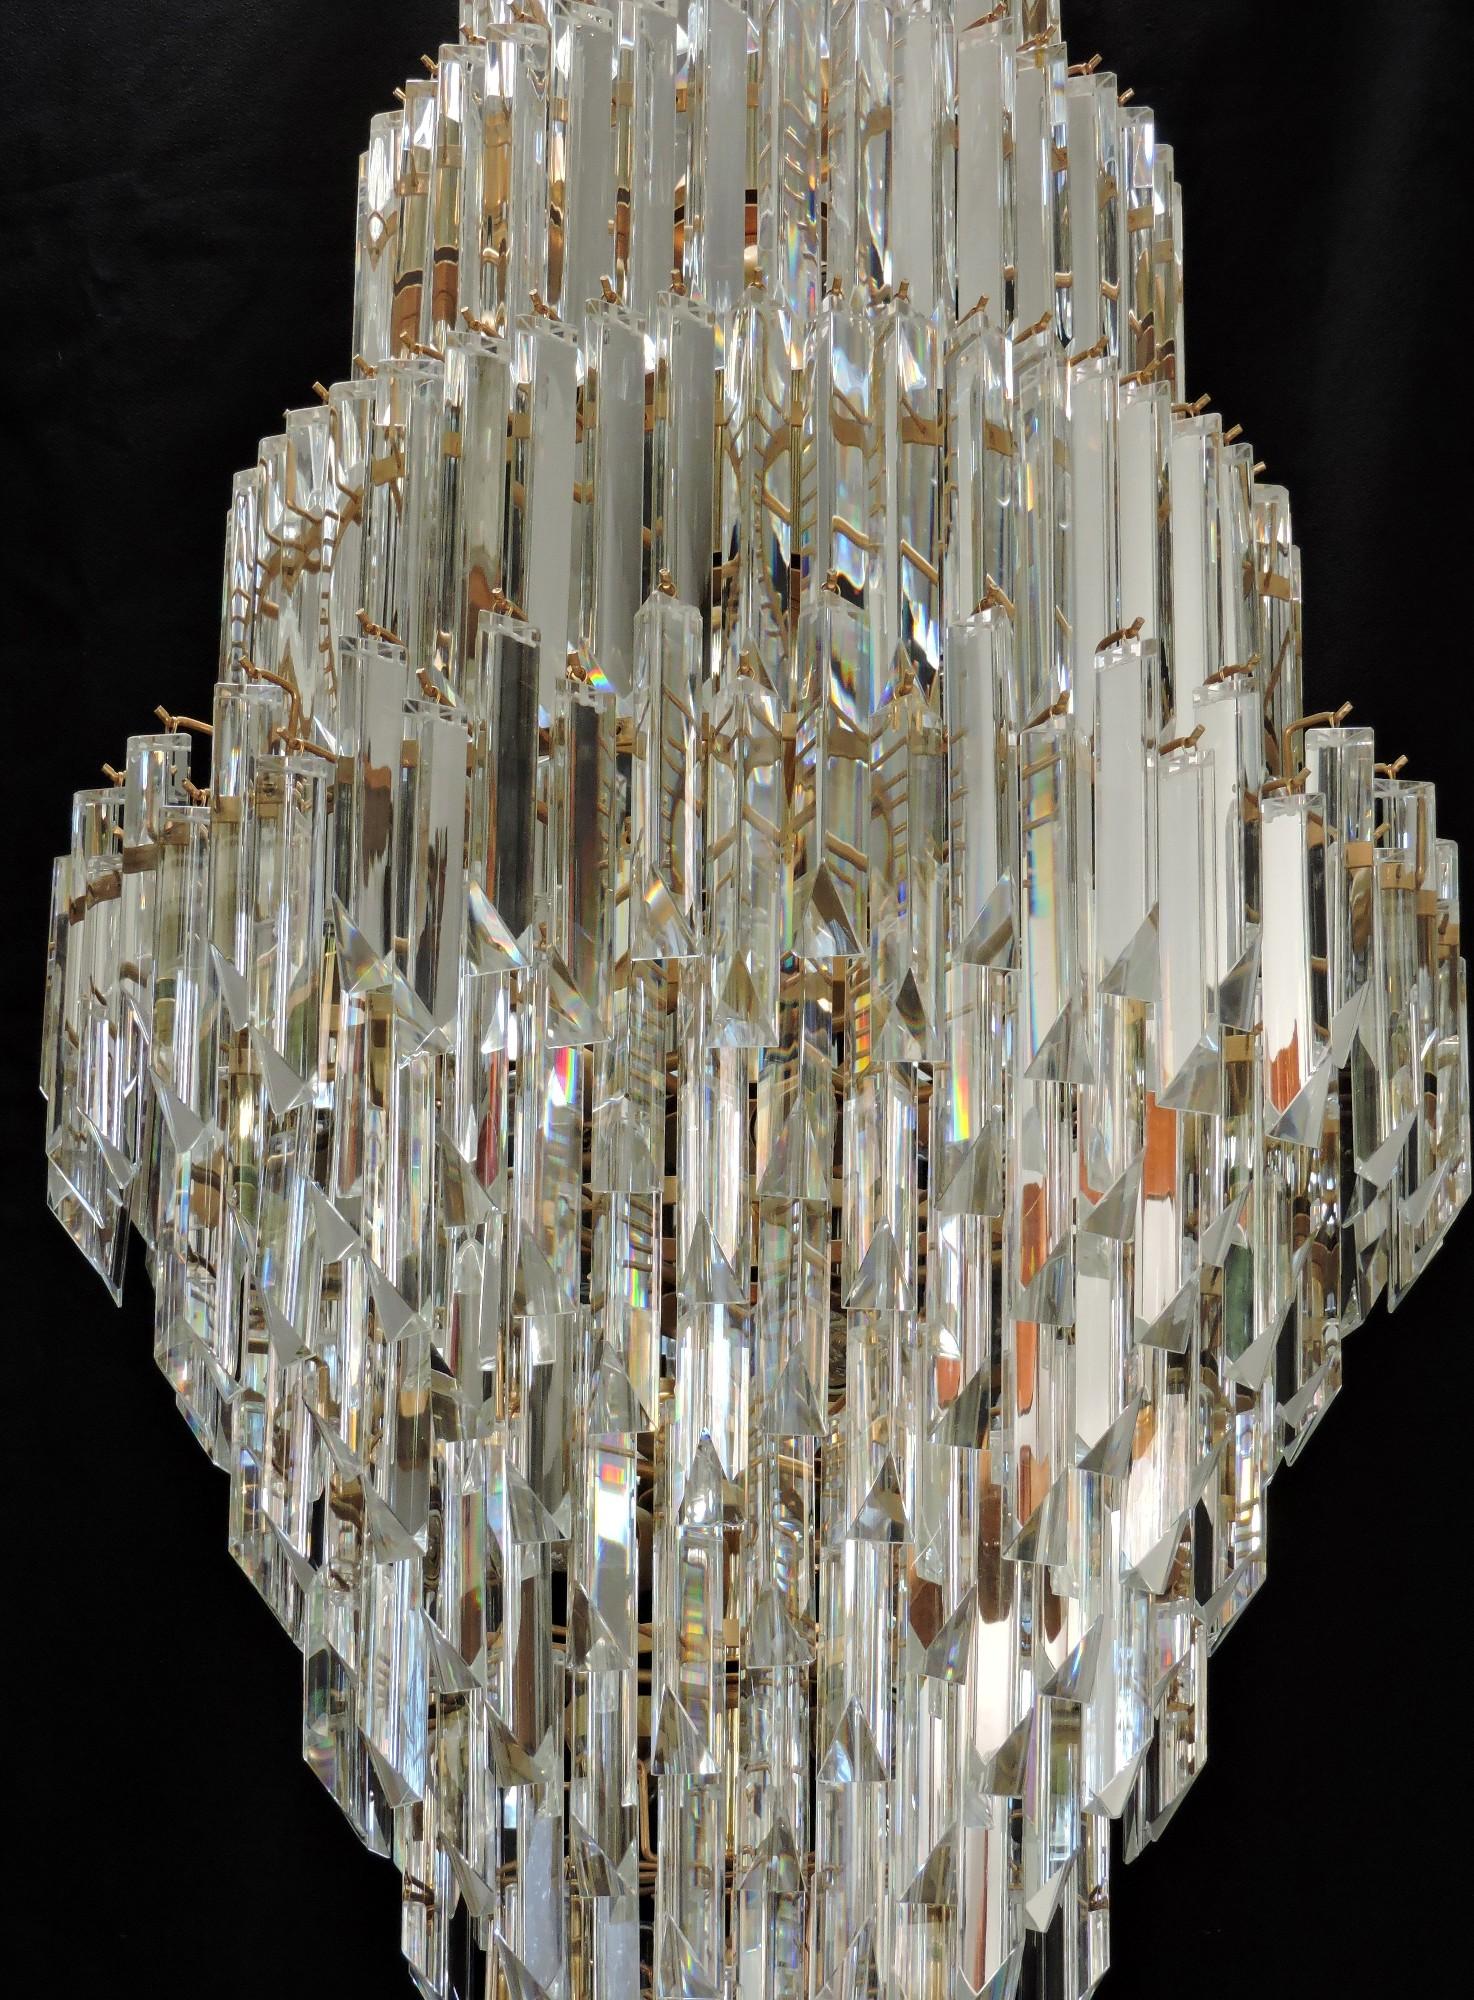 Crystal prism chandelier chandelier designs chandelier crystals prisms designs mozeypictures Choice Image